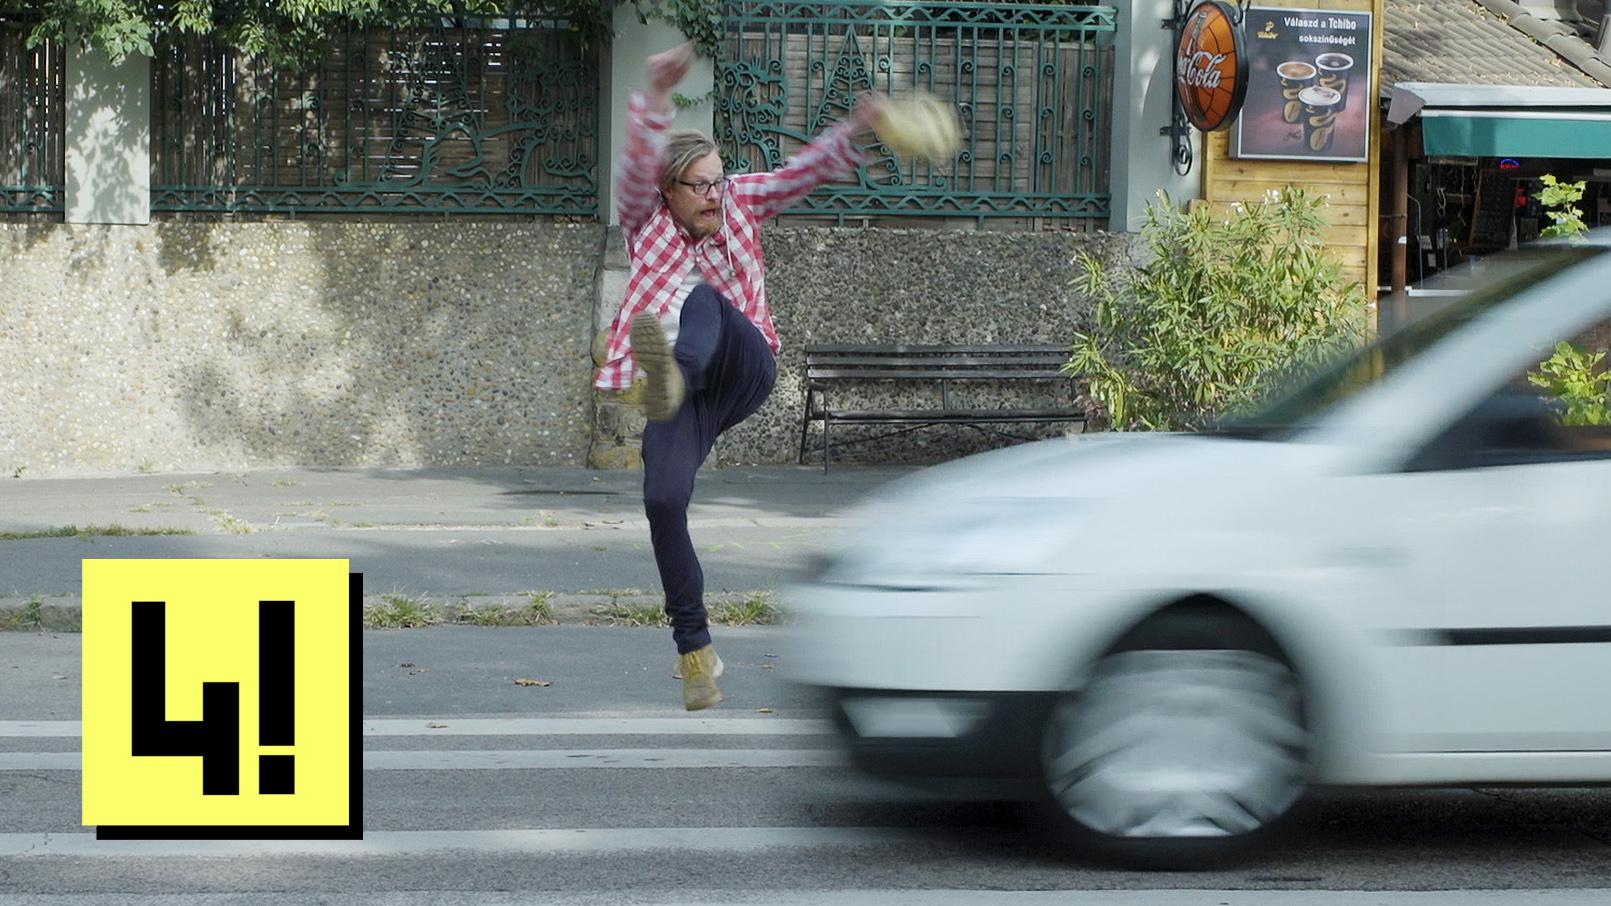 Mit tegyünk, ha túl akarjuk élni a városi közlekedést?